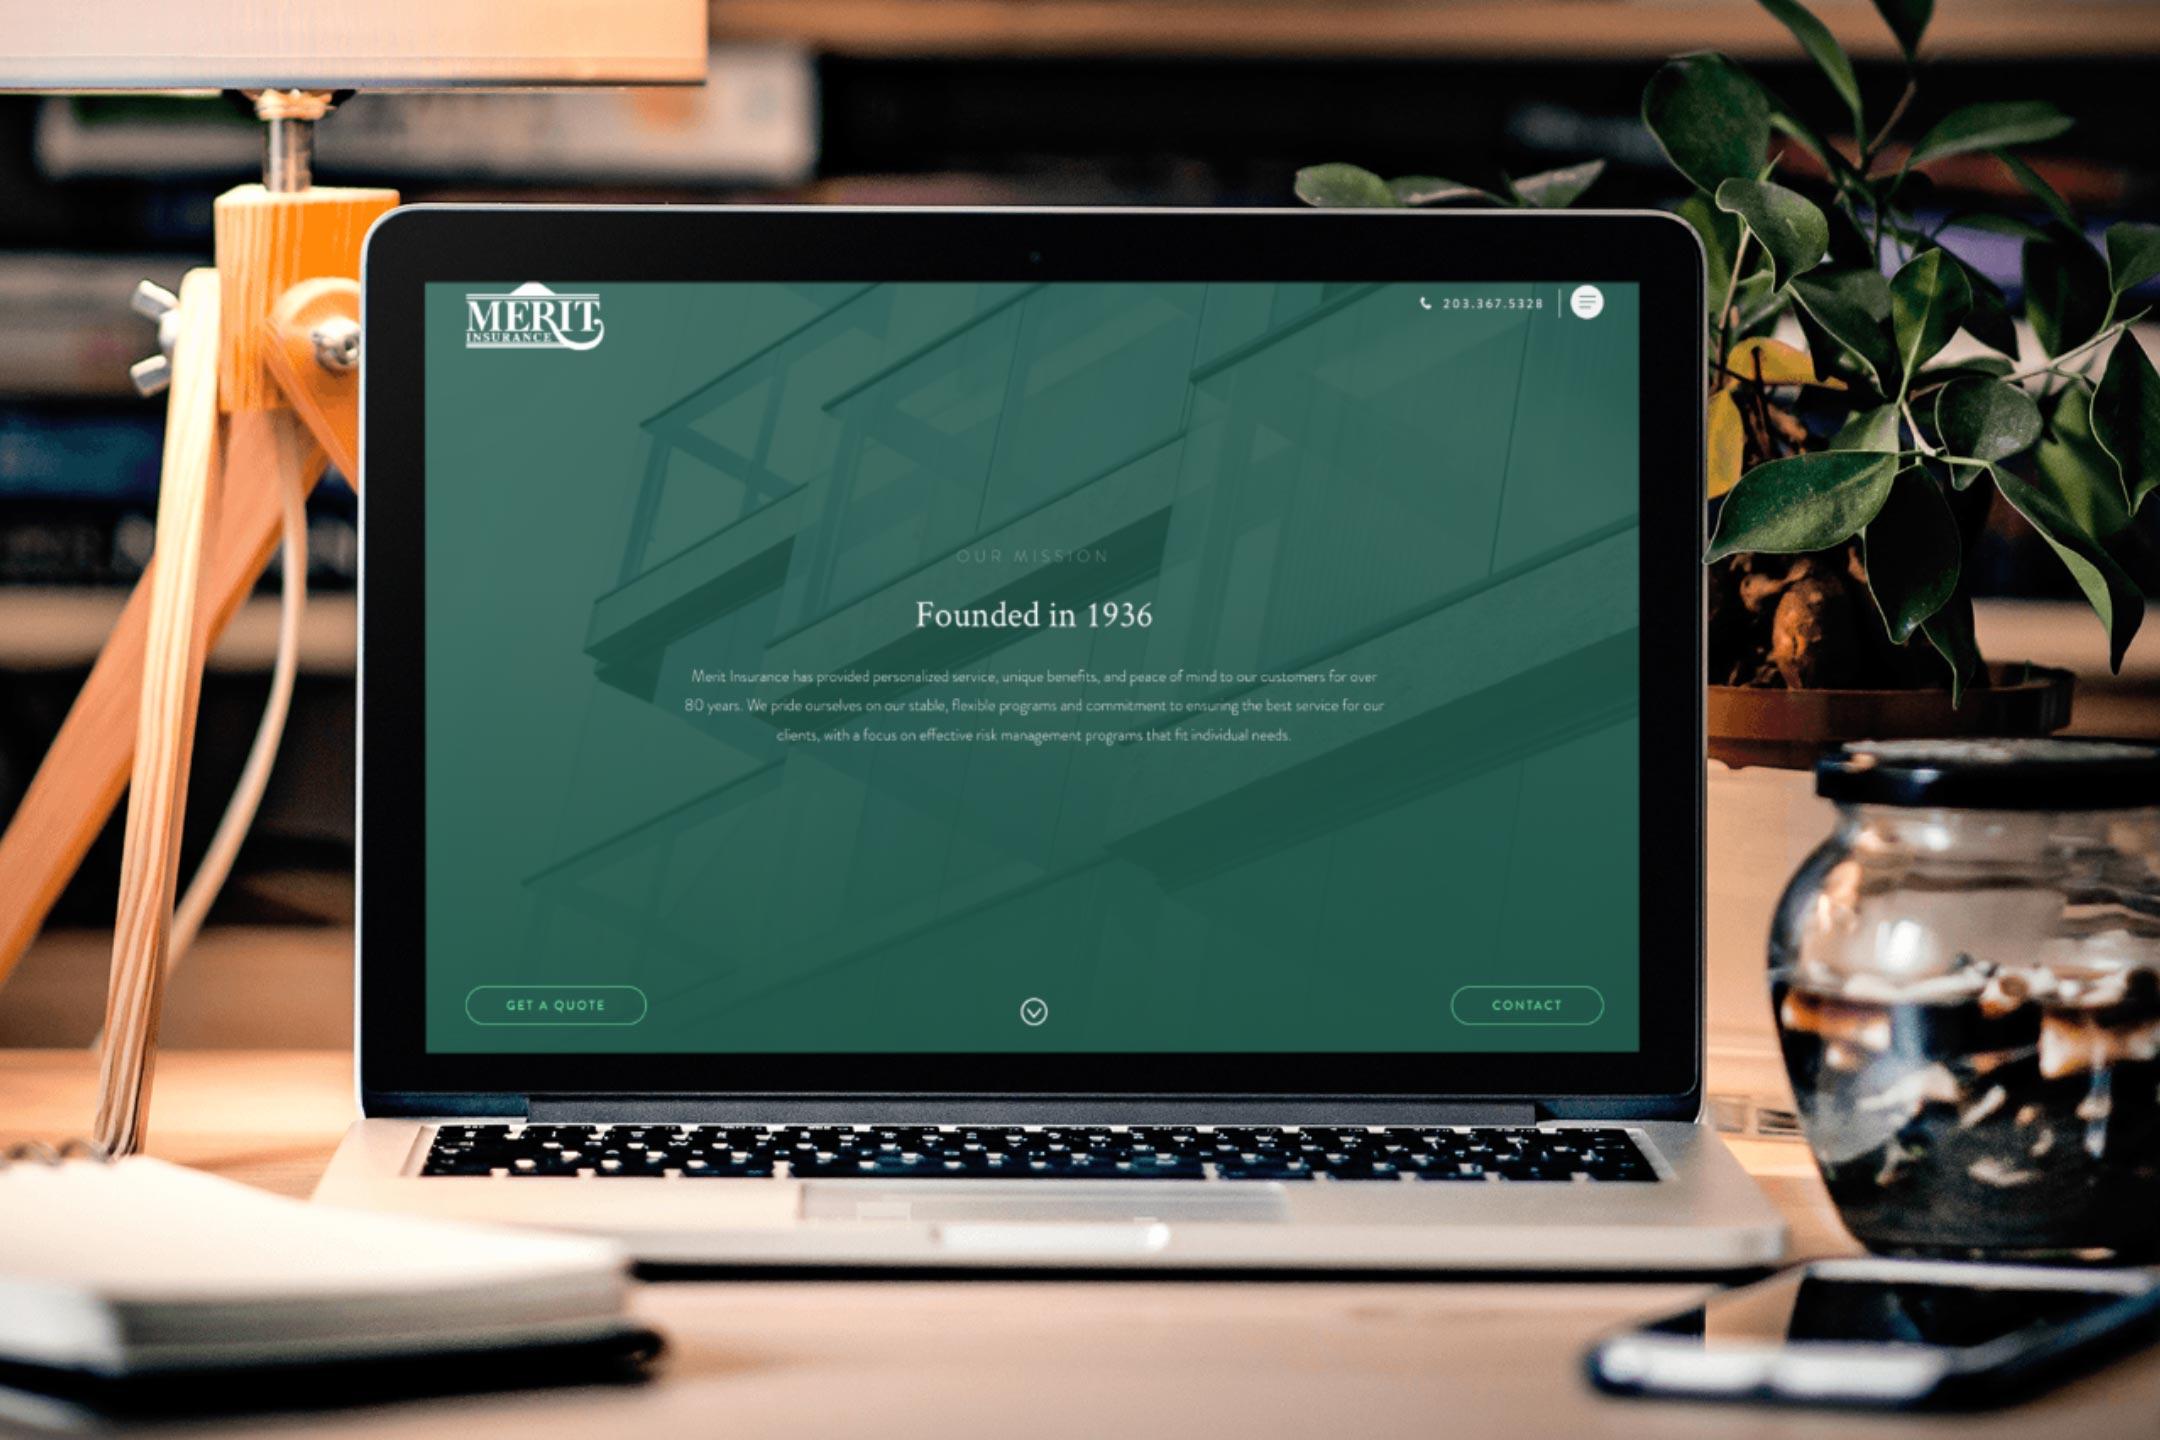 Siteninestudios.com Portfolio Image